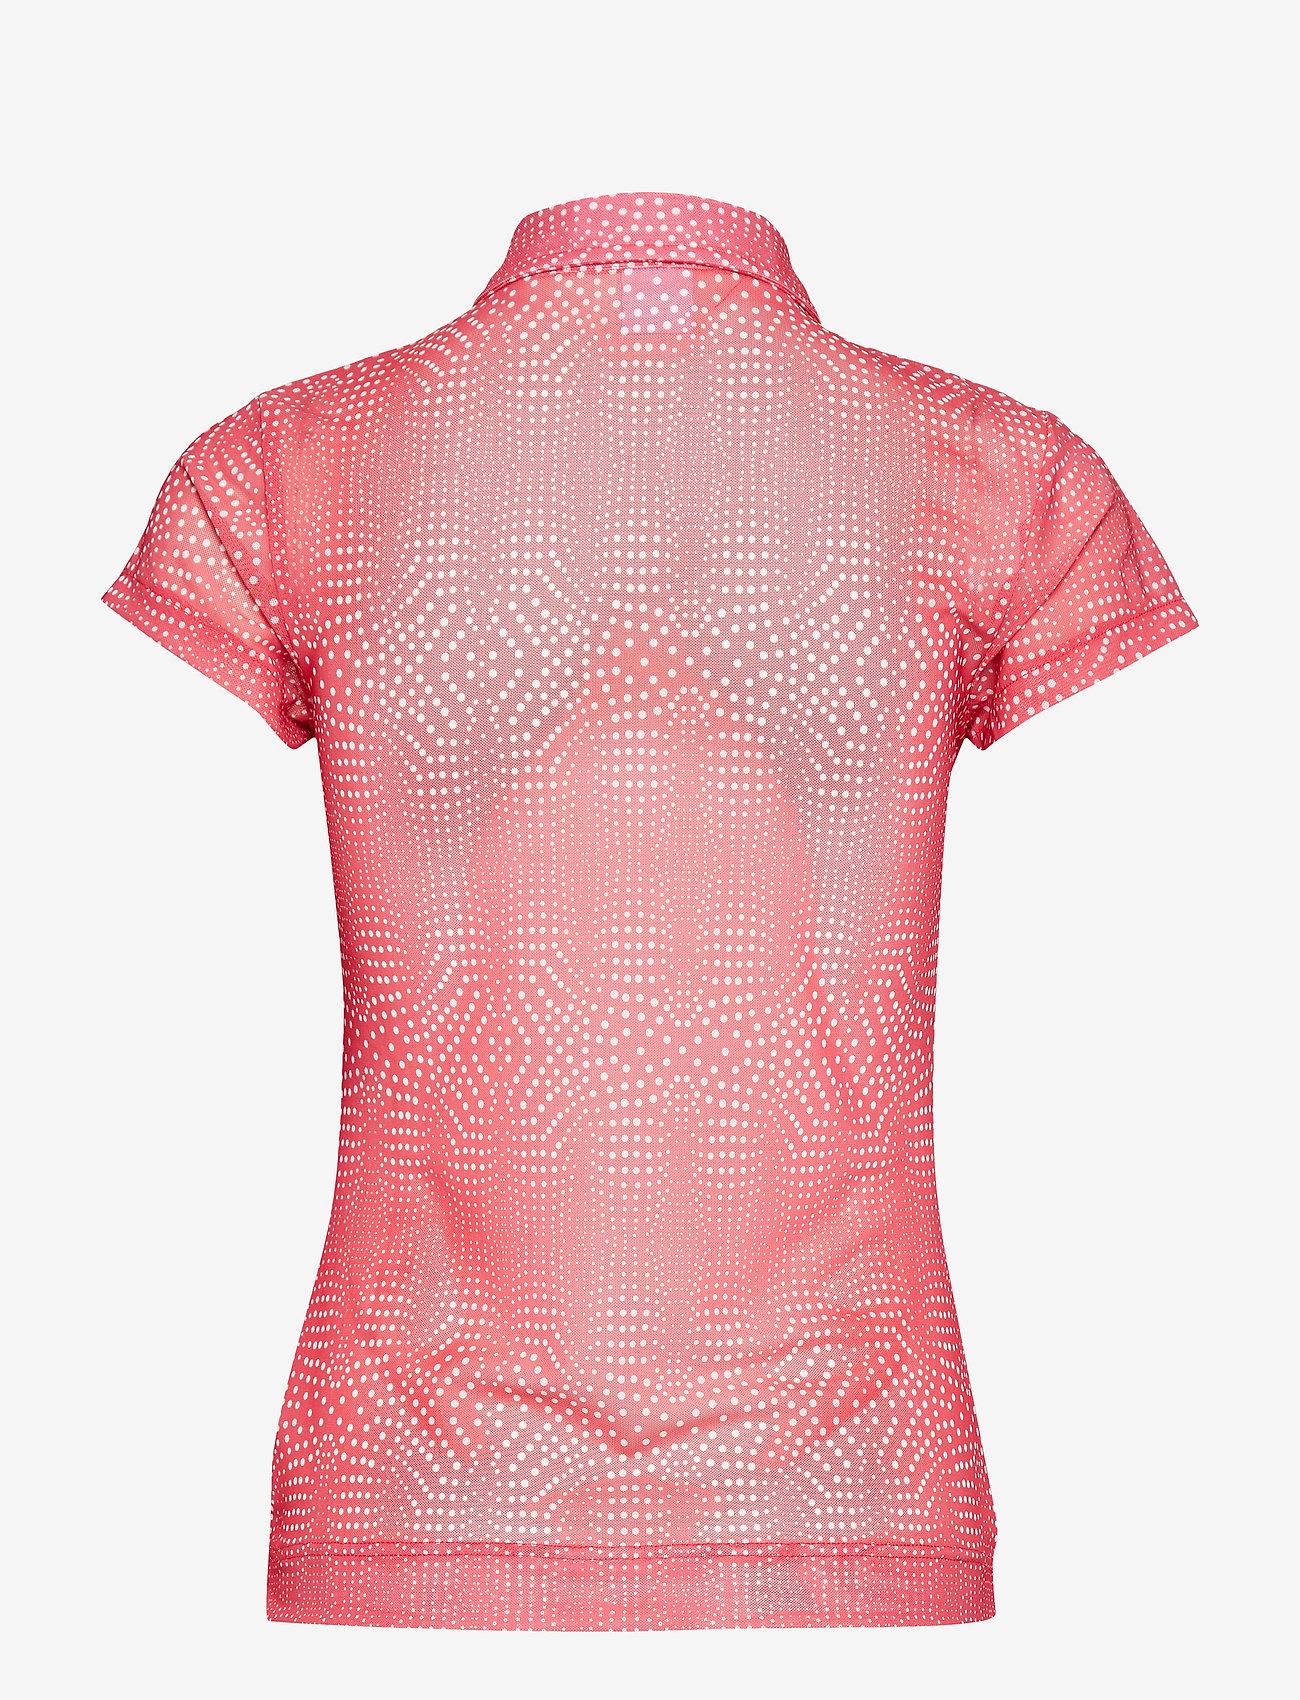 Aggie Mesh Cap/s Polo Shirt (Watermelon) - Daily Sports fR5dju